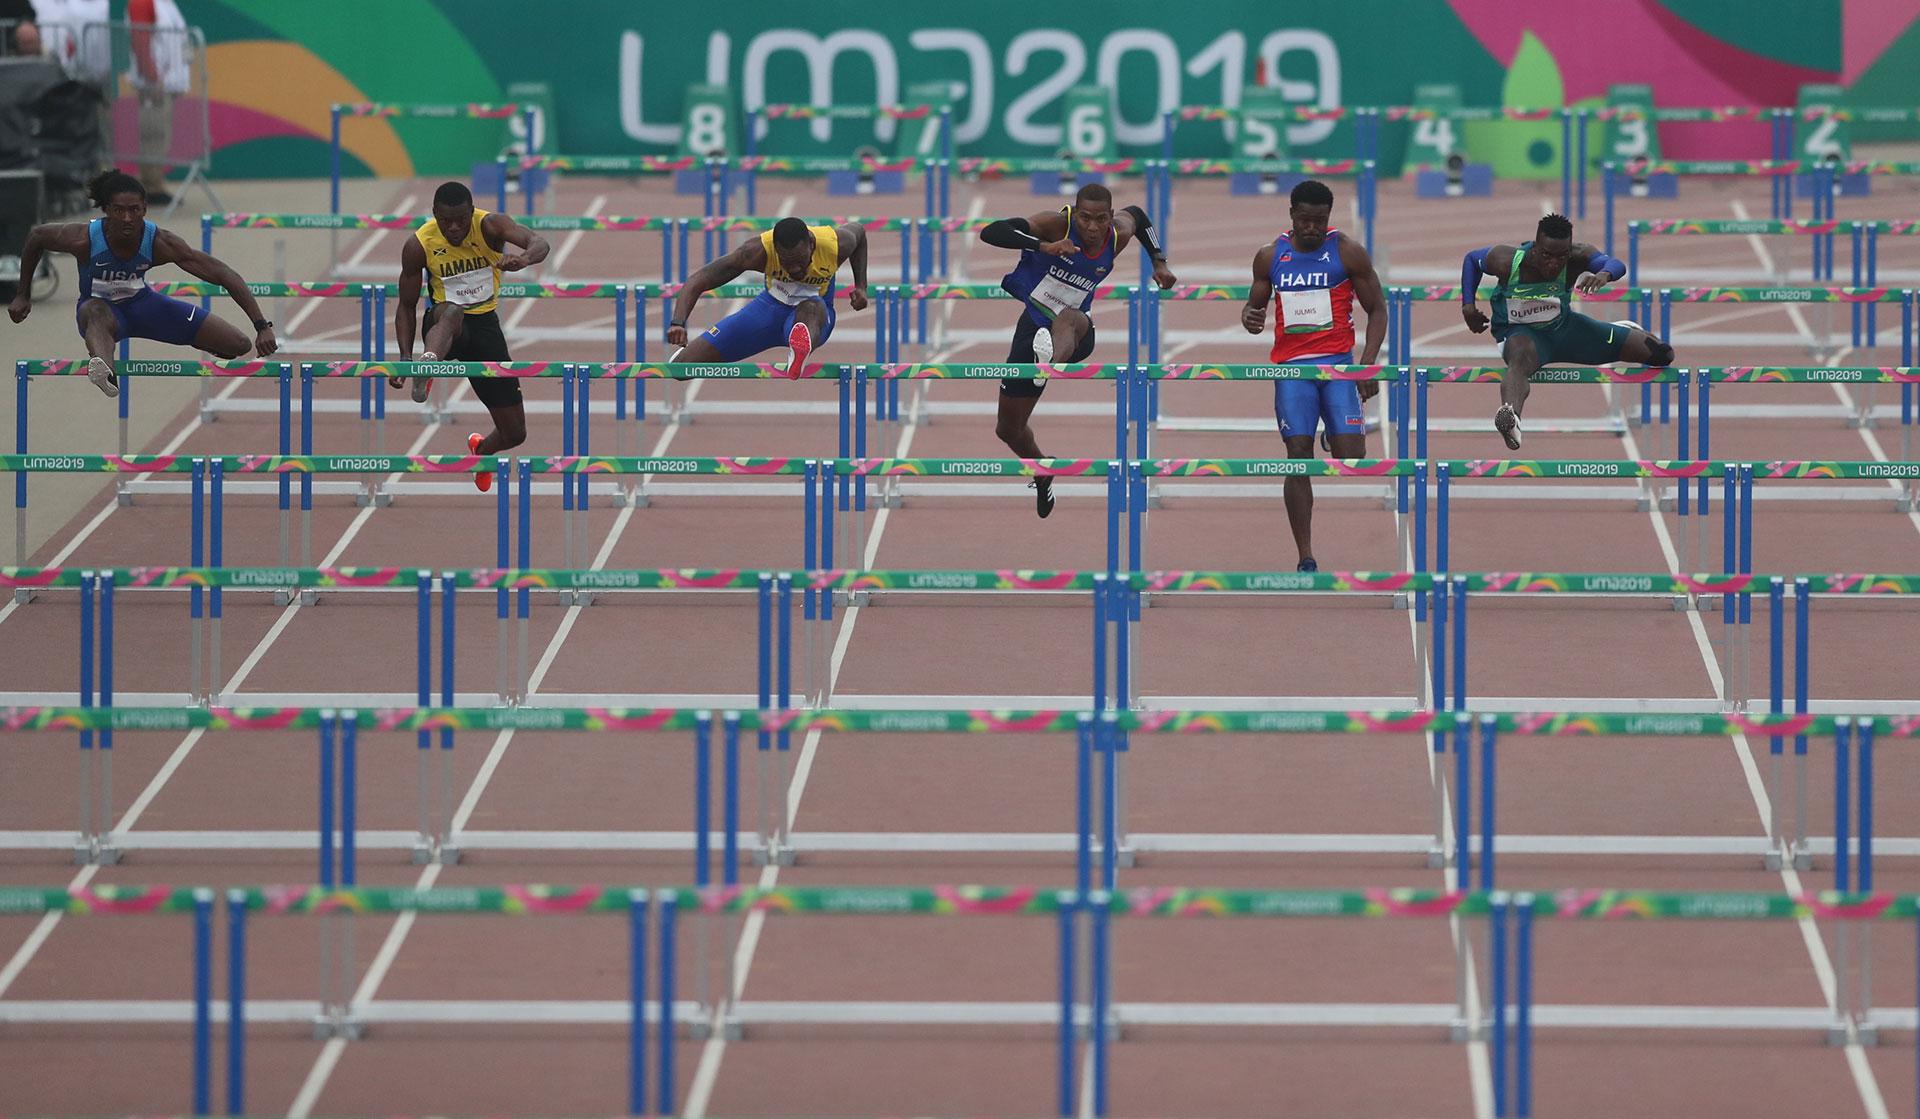 Una postal de las semifinales de los 110 metros con vallas